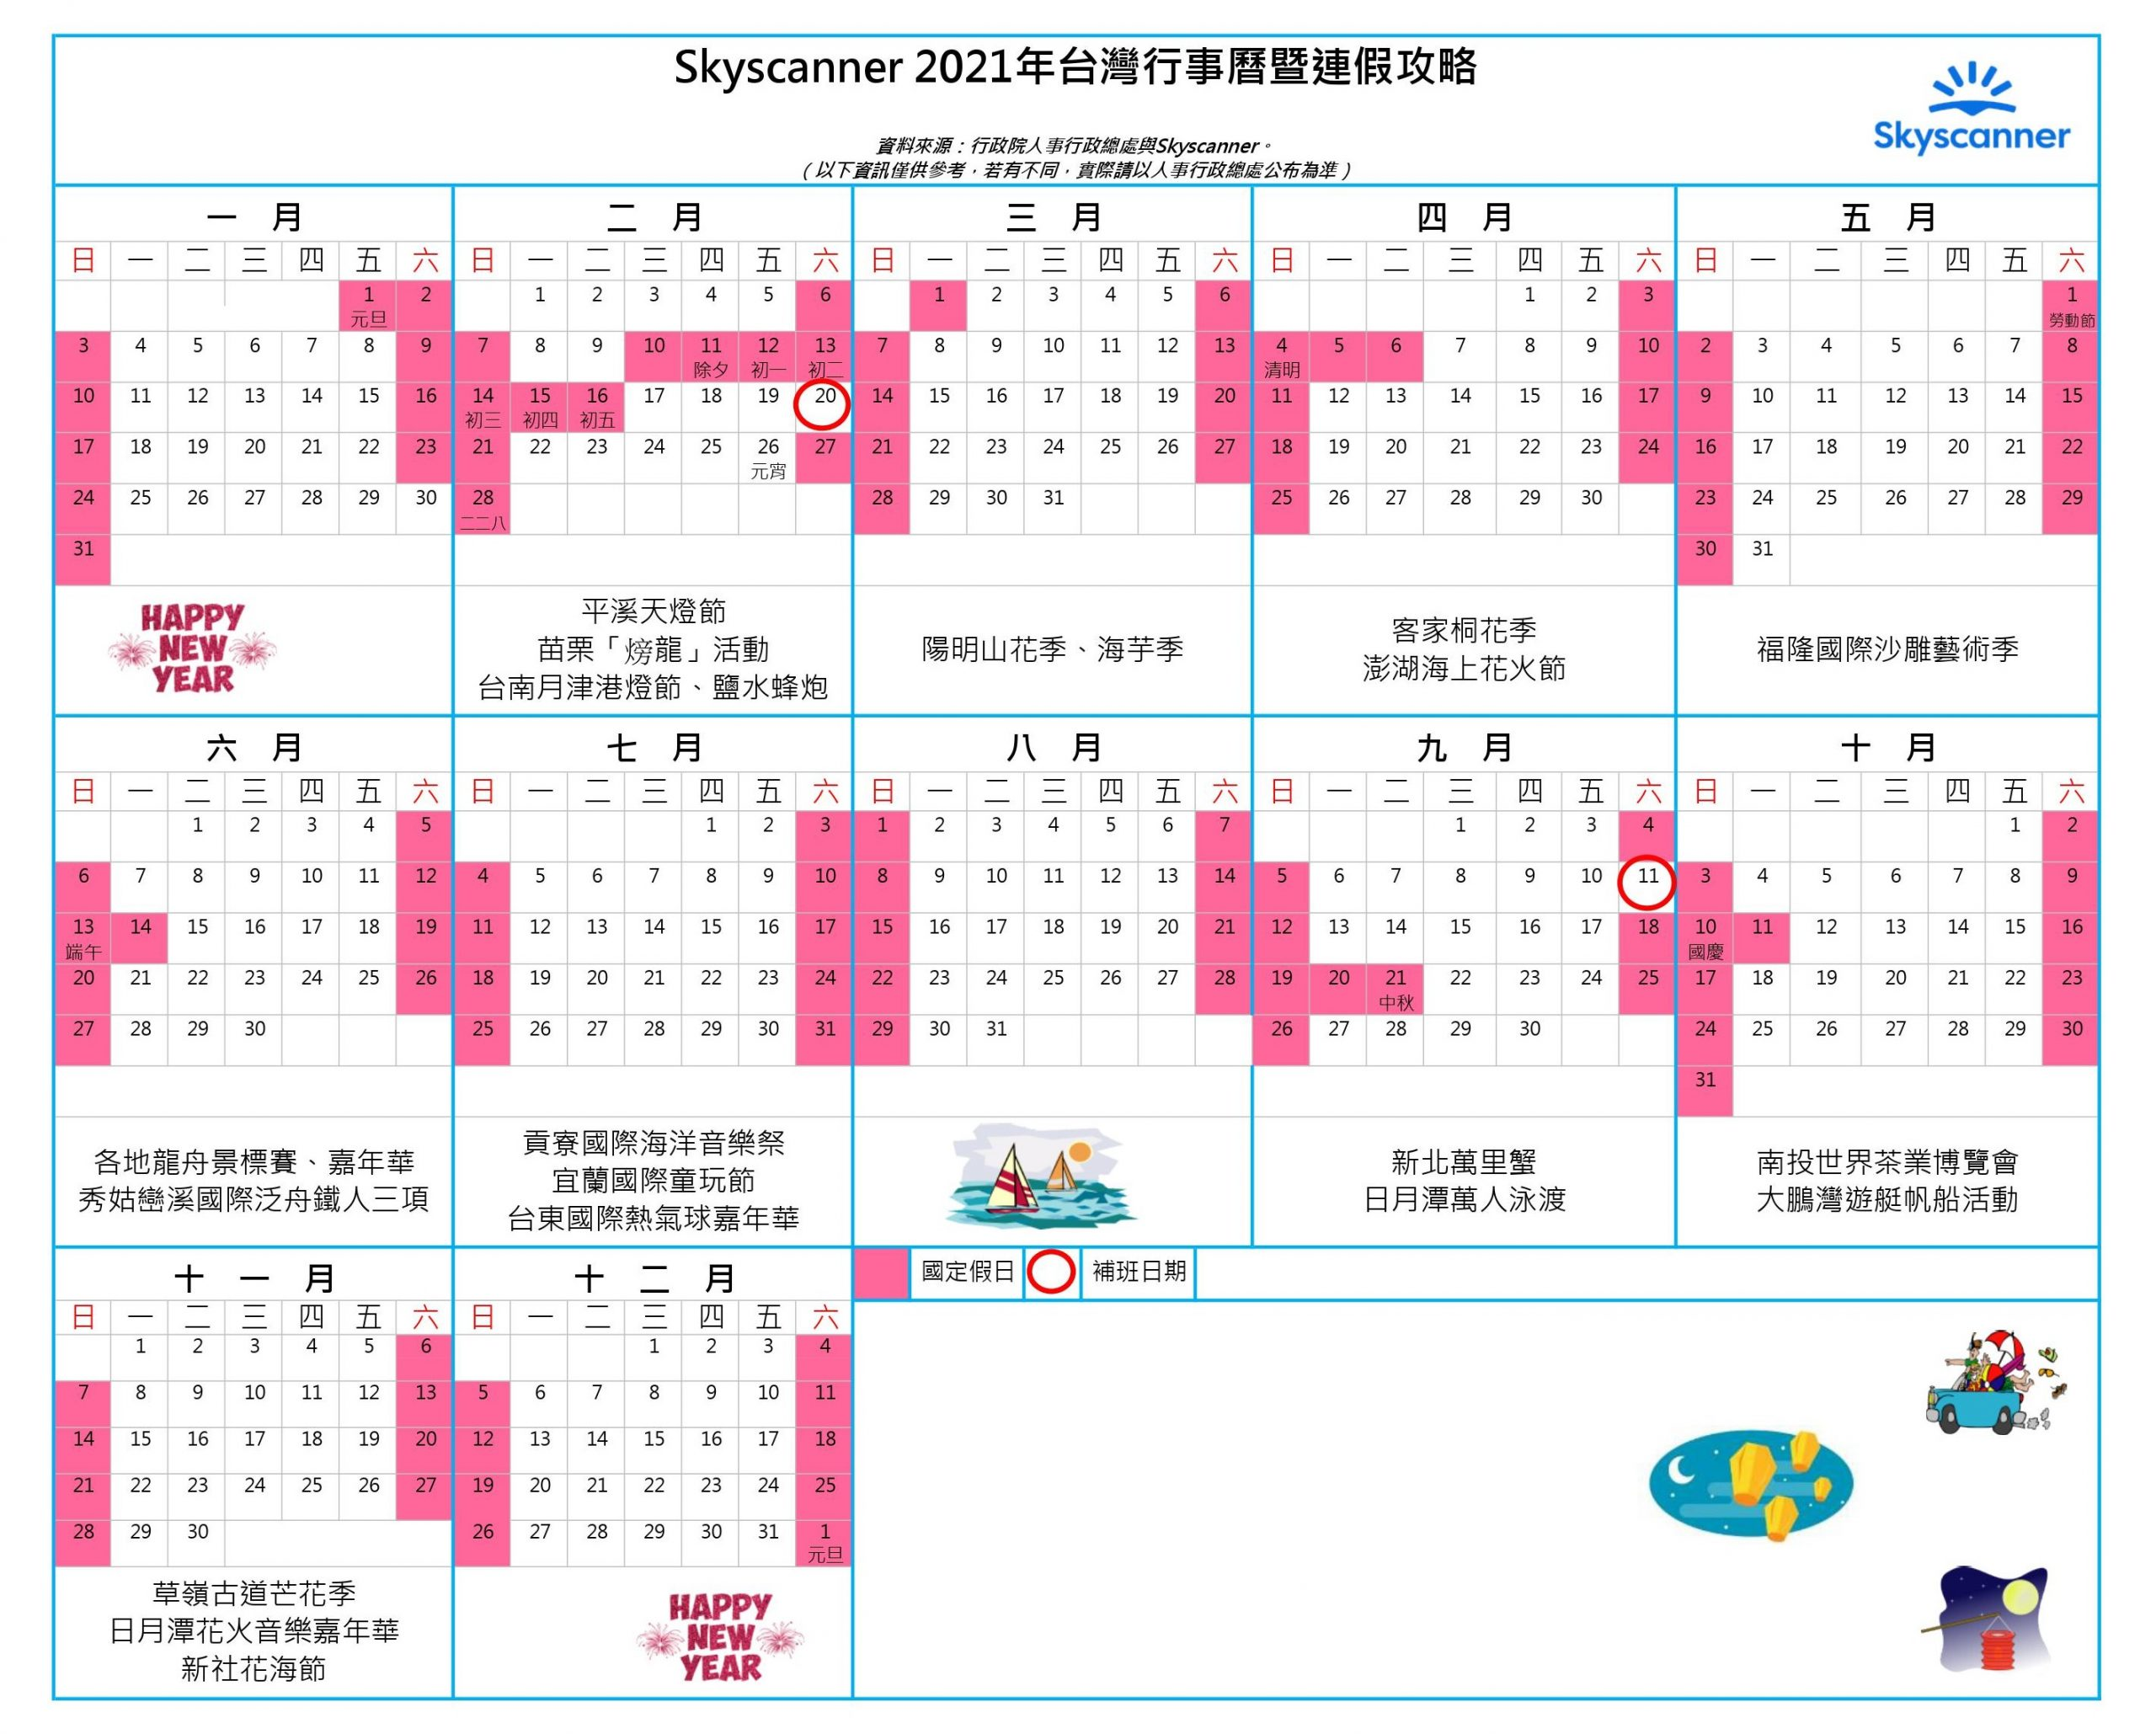 2021台灣假期行事曆8大連假出遊攻略